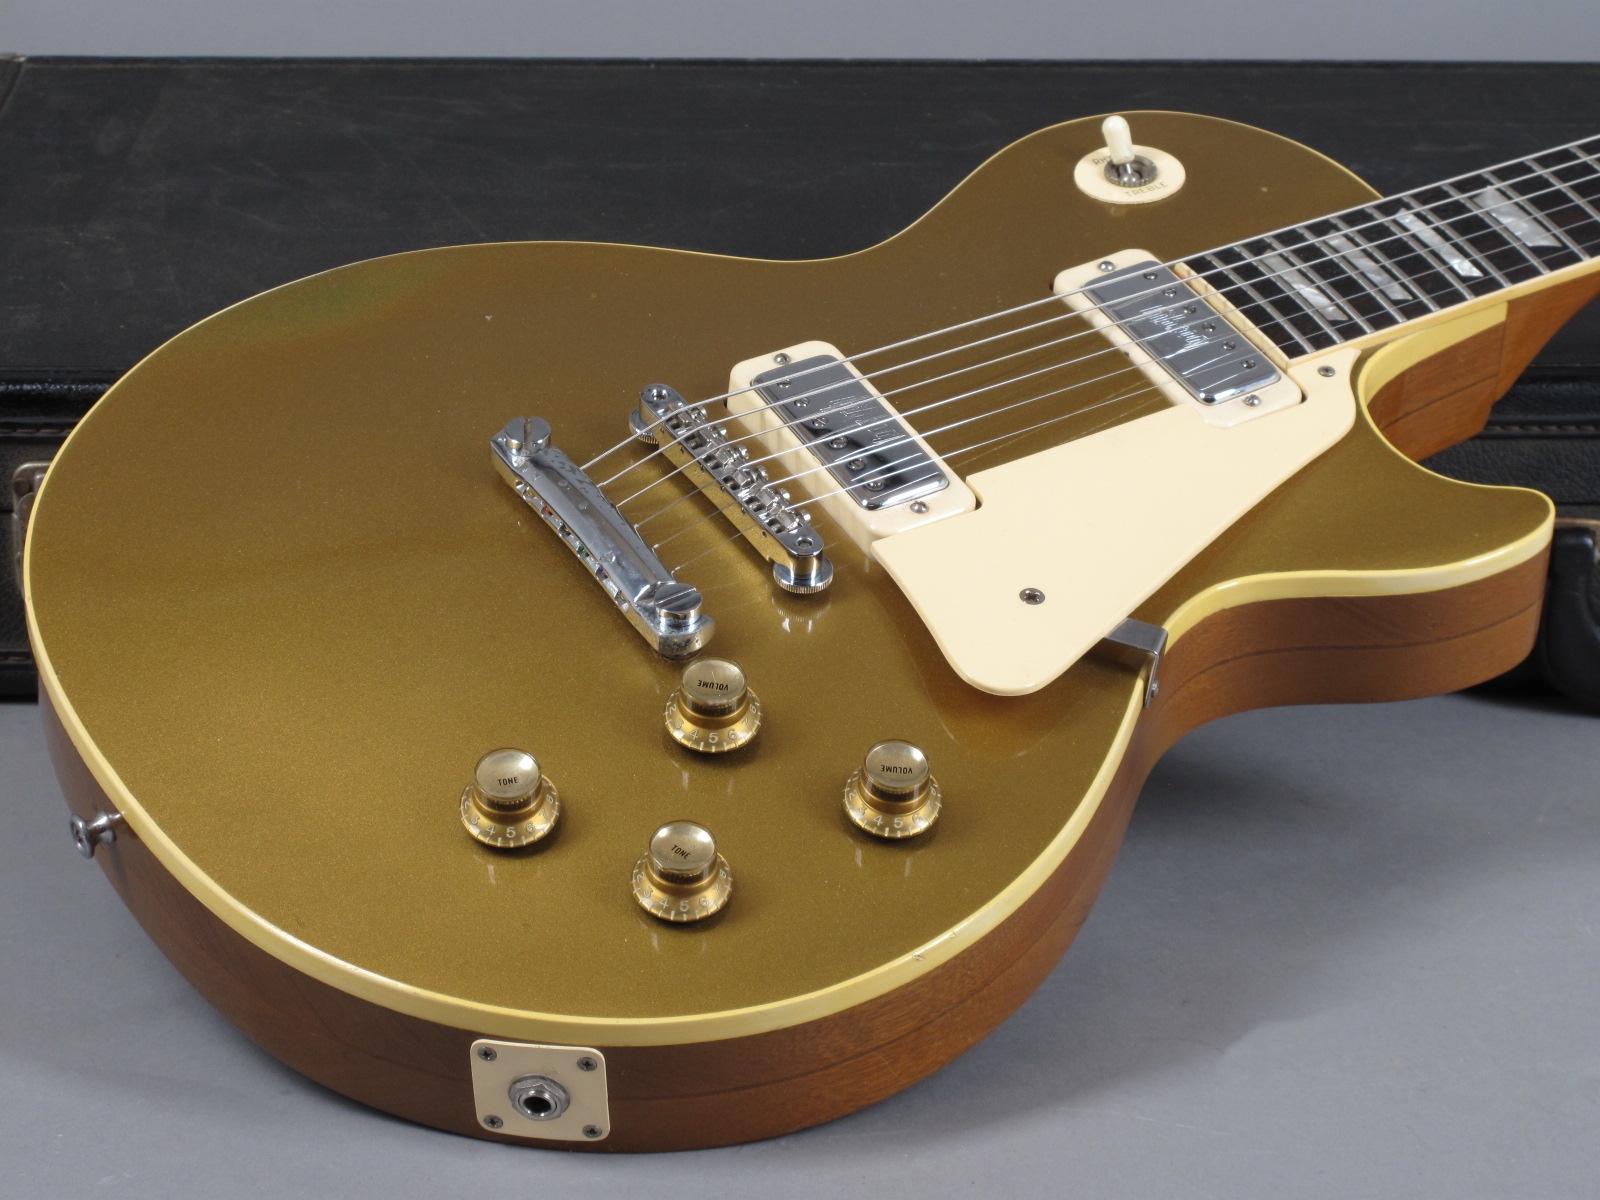 https://guitarpoint.de/app/uploads/products/1971-gibson-les-paul-deluxe-goldtop-640969/1972-Gibson-Les-Paul-Deluxe-Goldtop-640968-24.jpg